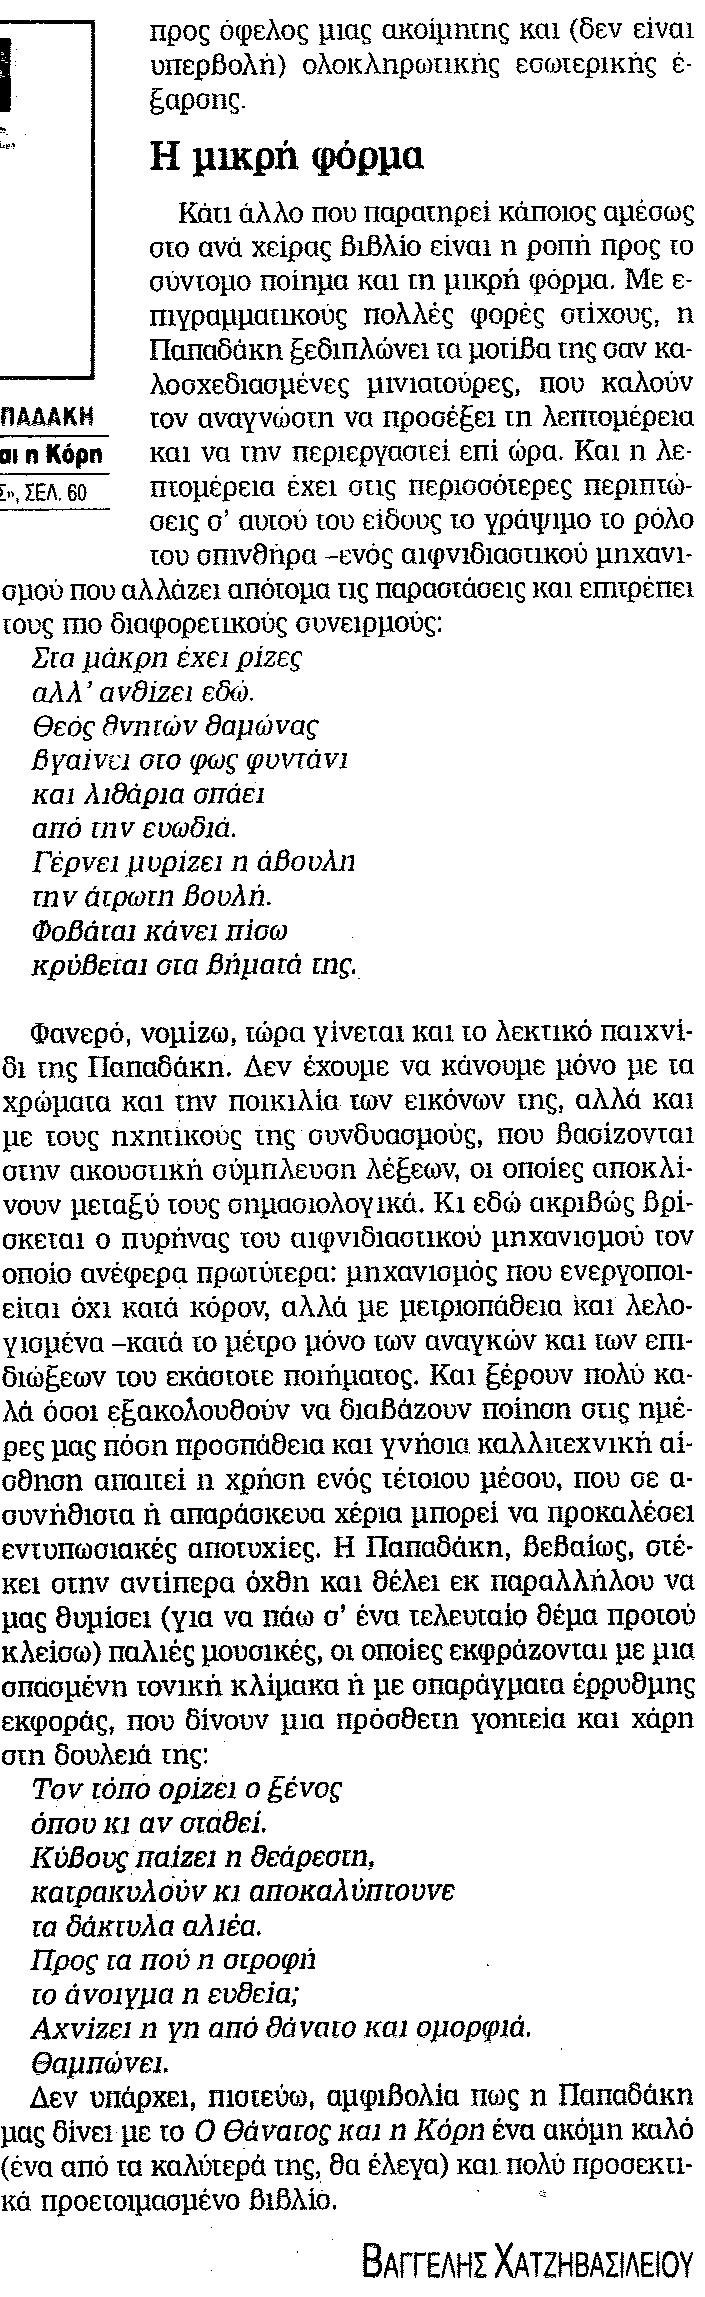 ΒΑΓΓΕΛΗΣ ΧΑΤΖΙΒΑΣΙΛΕΙΟΥ, Η ΜΥΘΟΛΟΓΙΑ ΤΟΥ ΓΥΝΑΙΚΕΙΟΥ ΣΩΜΑΤΟΣ2